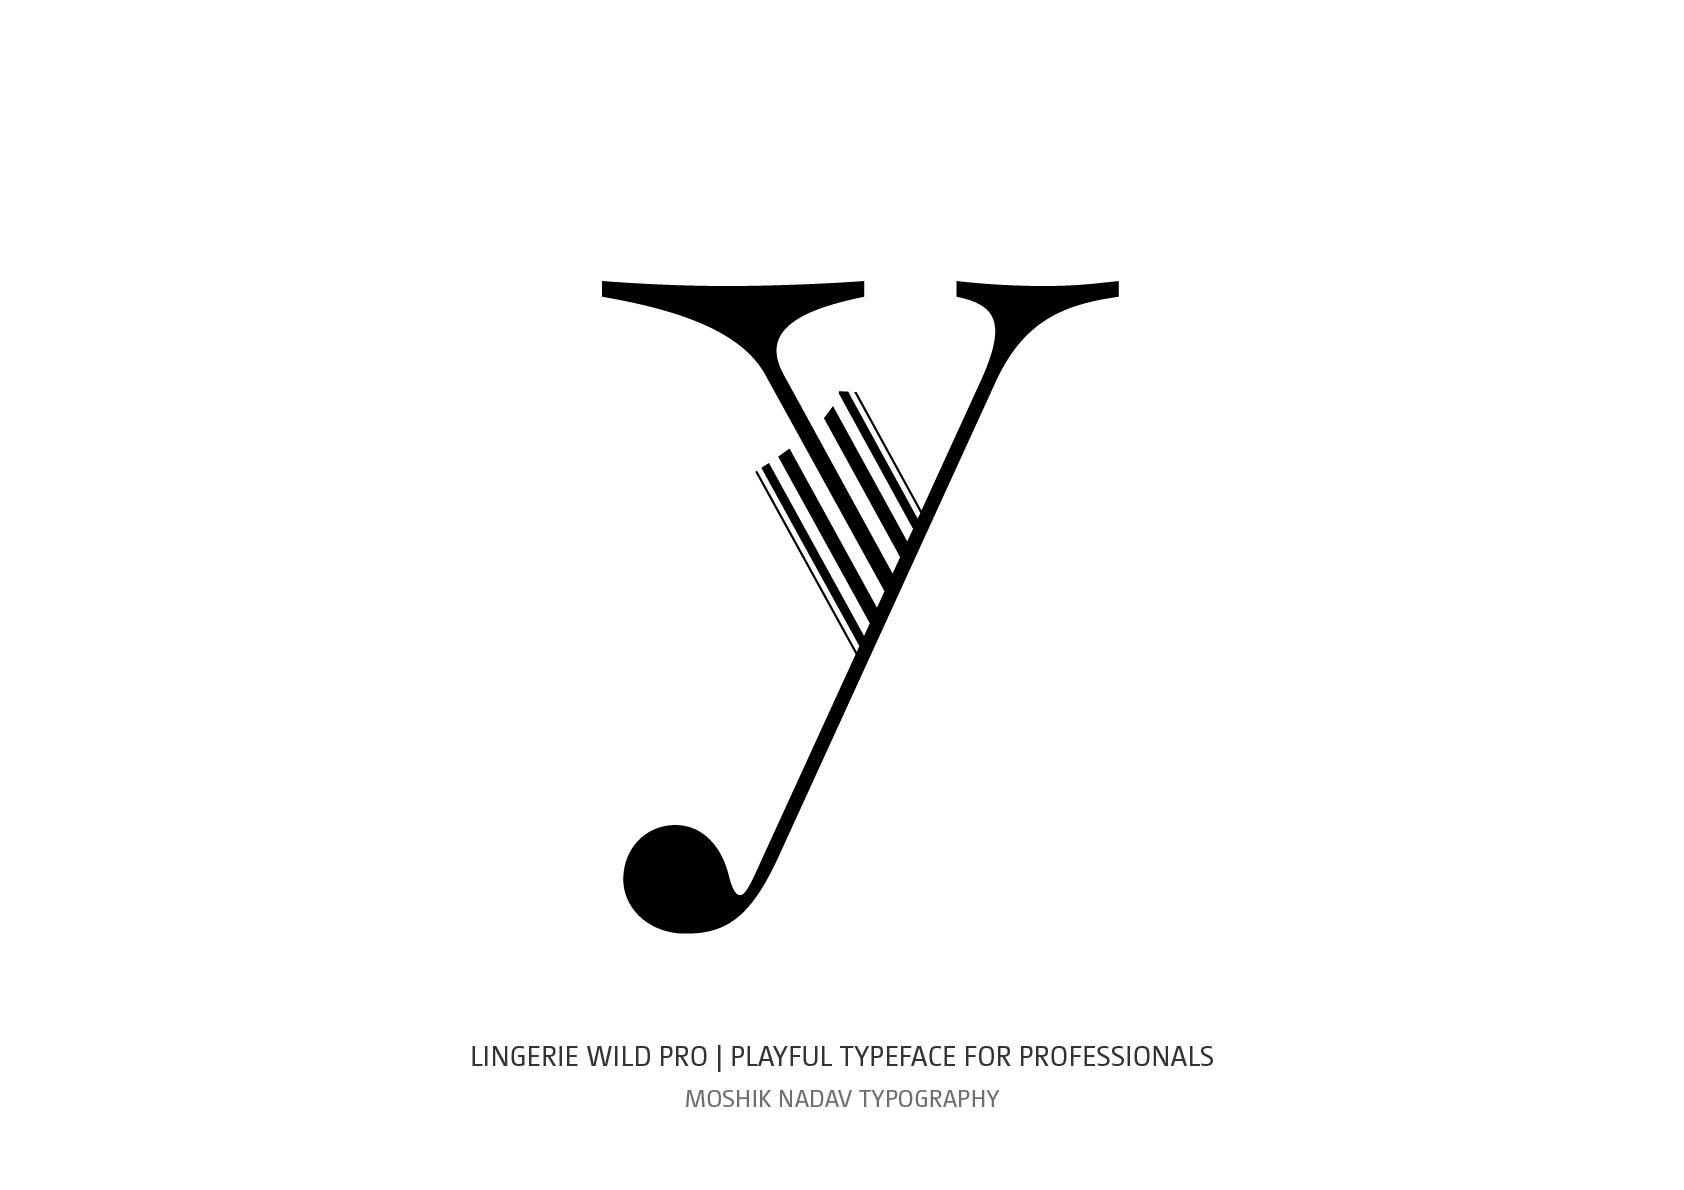 Bold new typeface by Moshik Nadav Typography